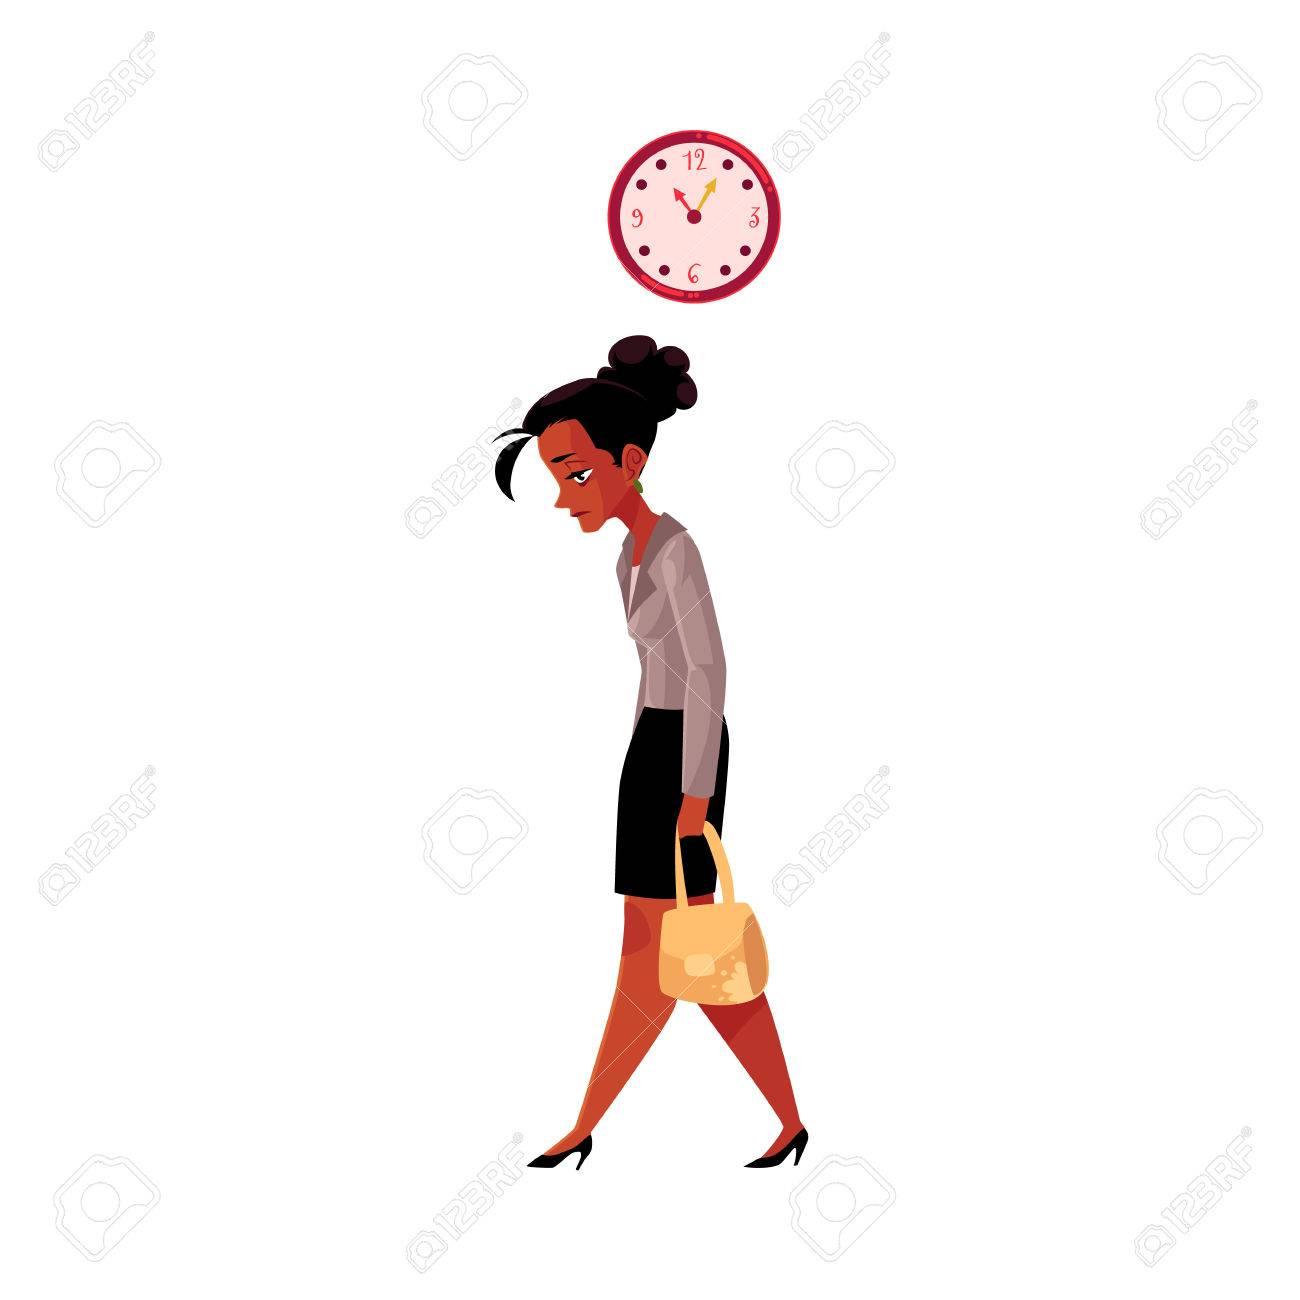 Fatigué Femme Afro Américaine Noire Rentrer à La Maison Après Le Travail Horloge Indiquant Lheure Illustration De Vecteur De Dessin Animé Isolée